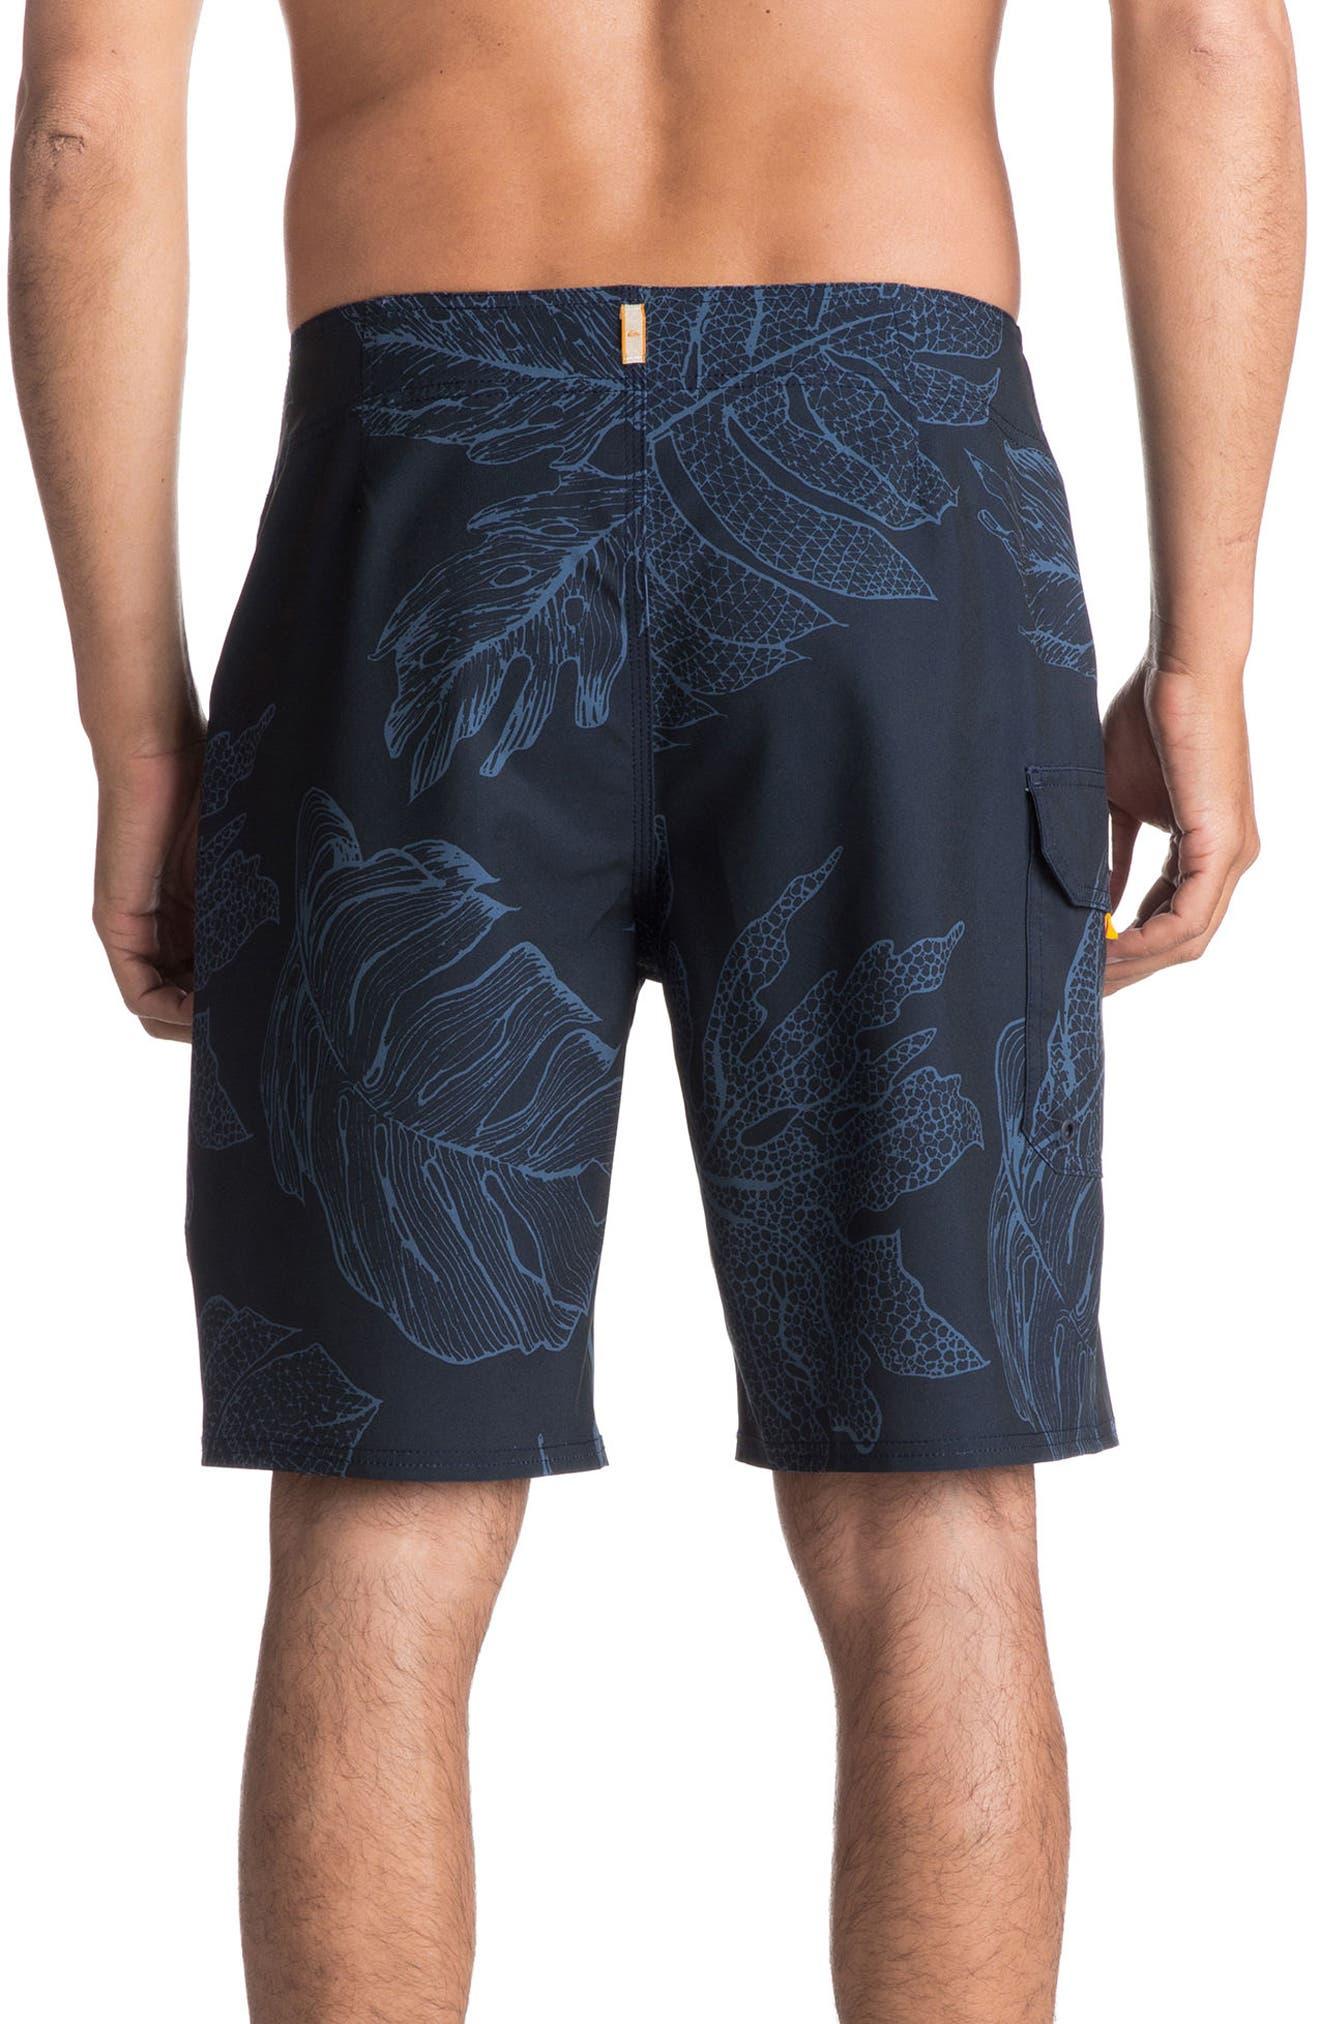 Xoa Board Shorts,                             Alternate thumbnail 2, color,                             Navy Blazer